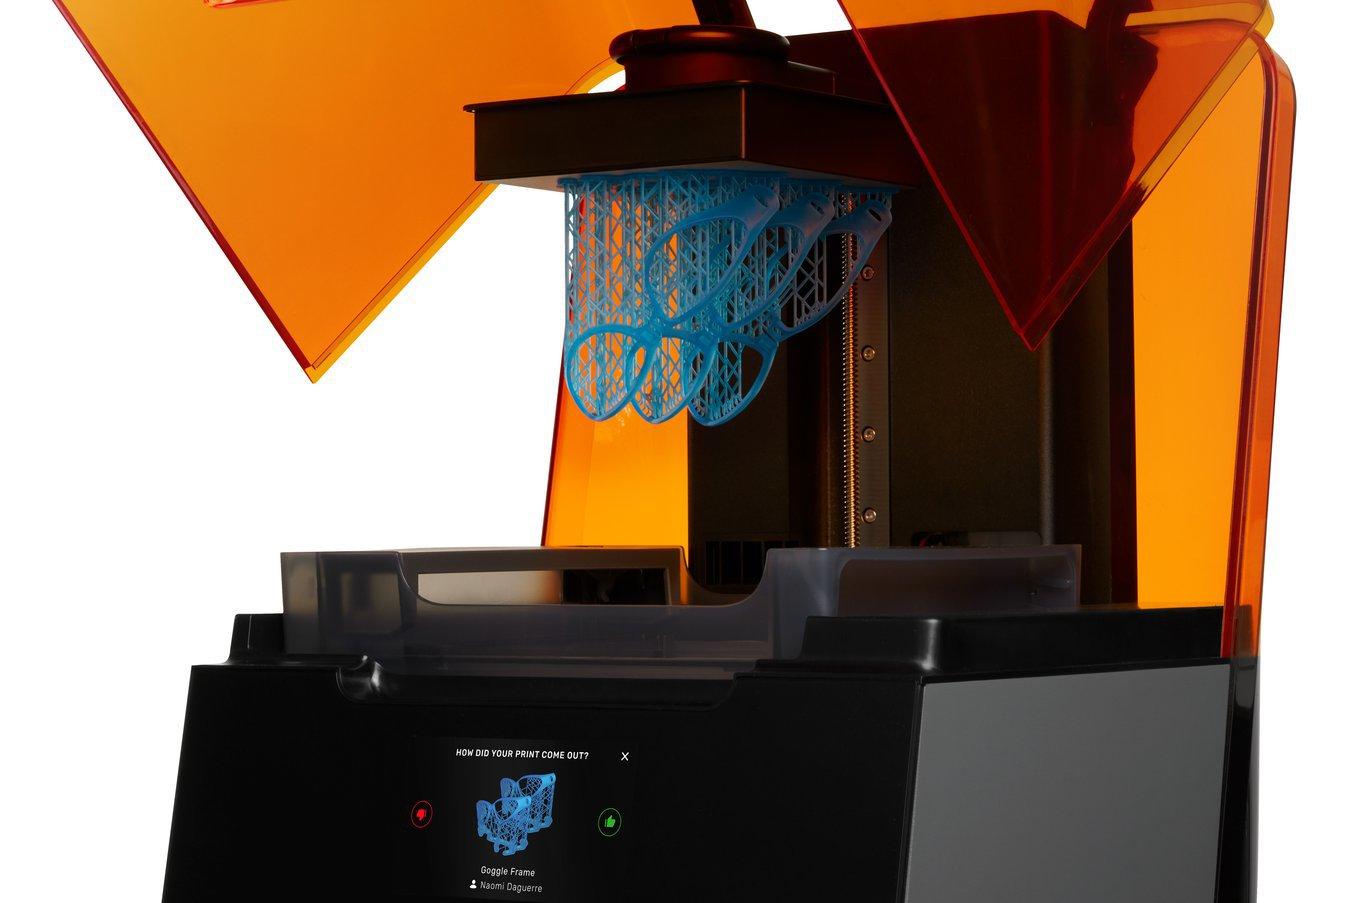 La stampante 3D SLA Form 3 ha un'alta risoluzione per l'asse Z e delle dimensioni minime dei dettagli ridotte sul piano XY, consentendo quindi di realizzare particolari precisi.